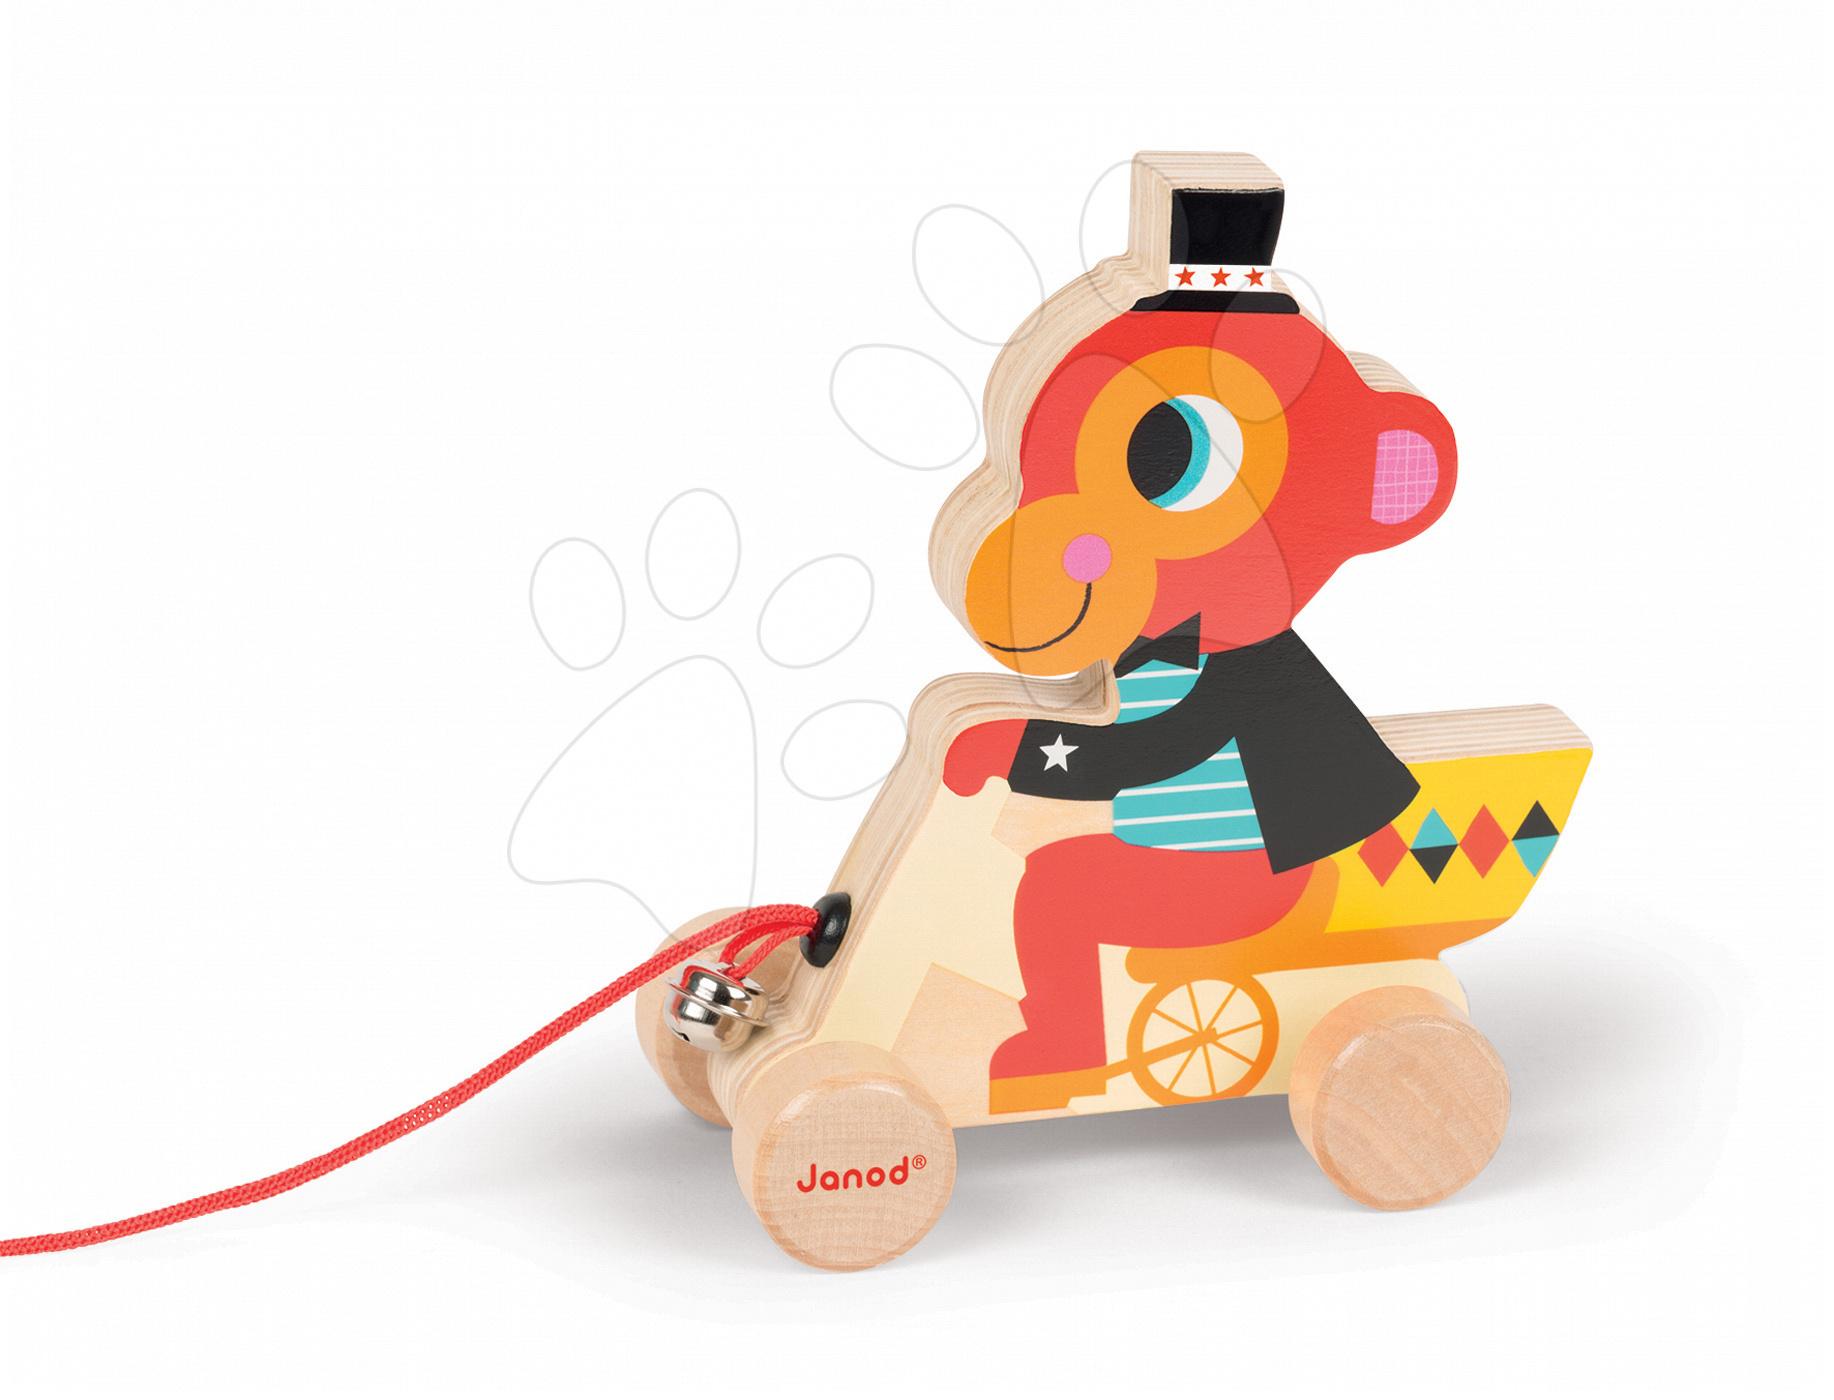 Dřevěná opička Janod zvířátko z cirkusu na tahání se zvonkem od 12 měsíců